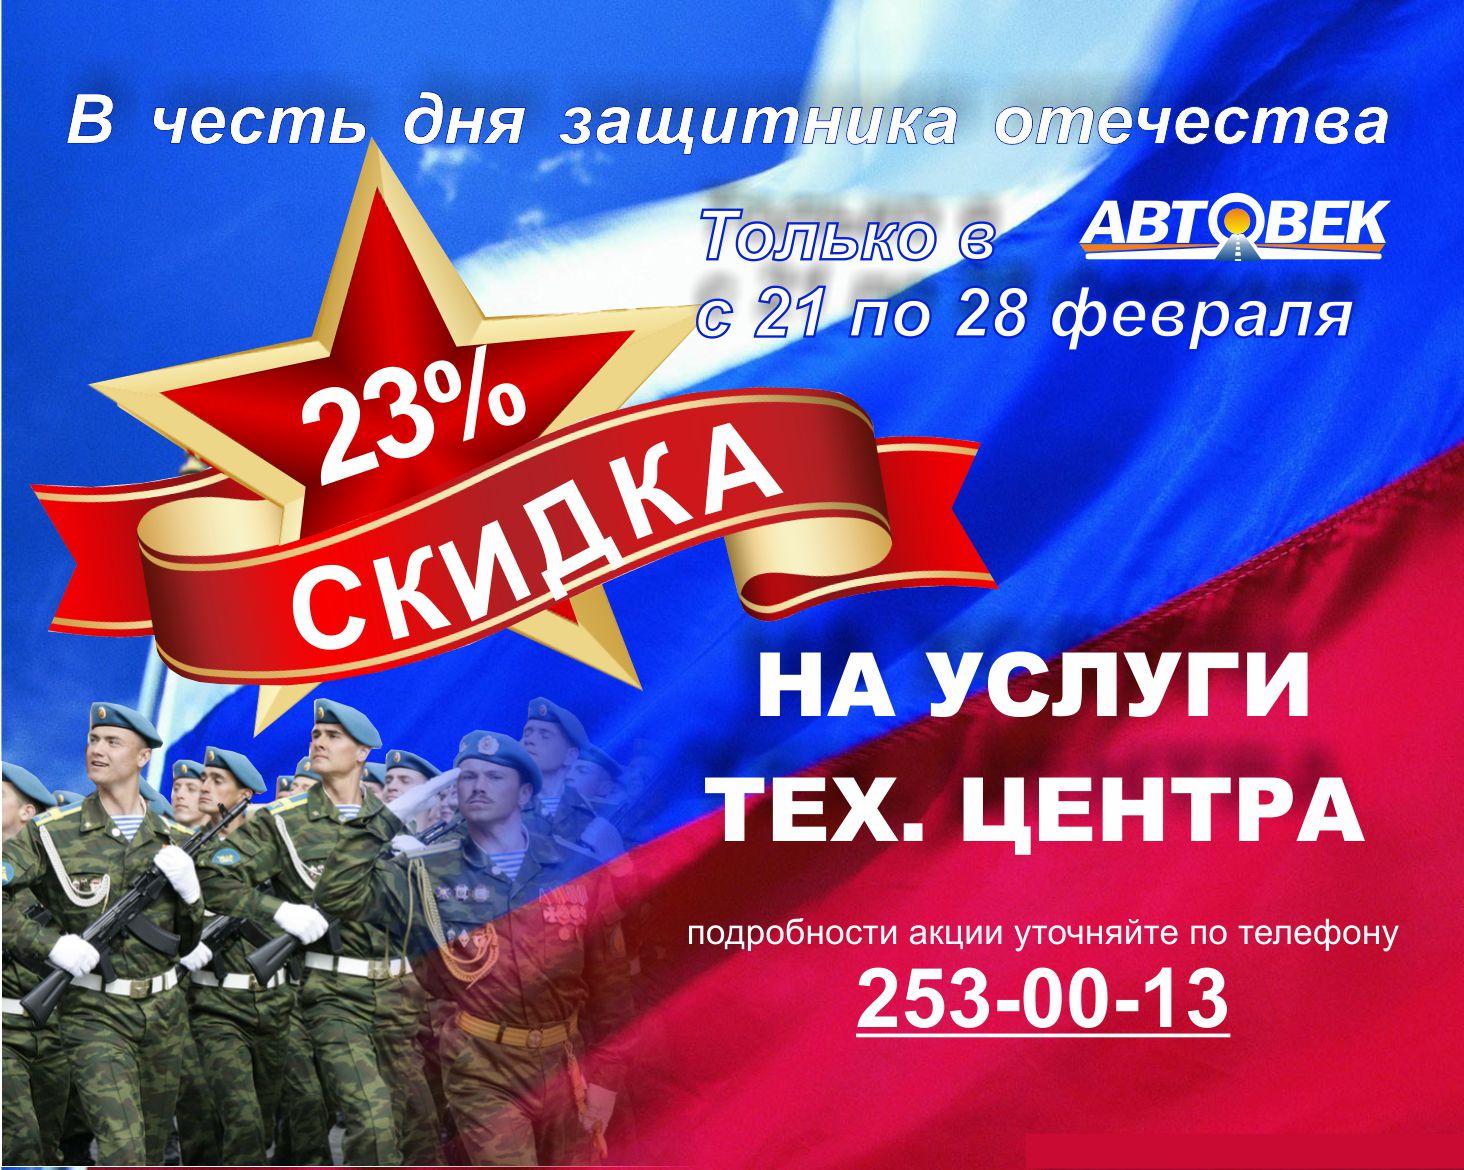 Акция открытка для защитника отечества, мастер-класса открытками картинки